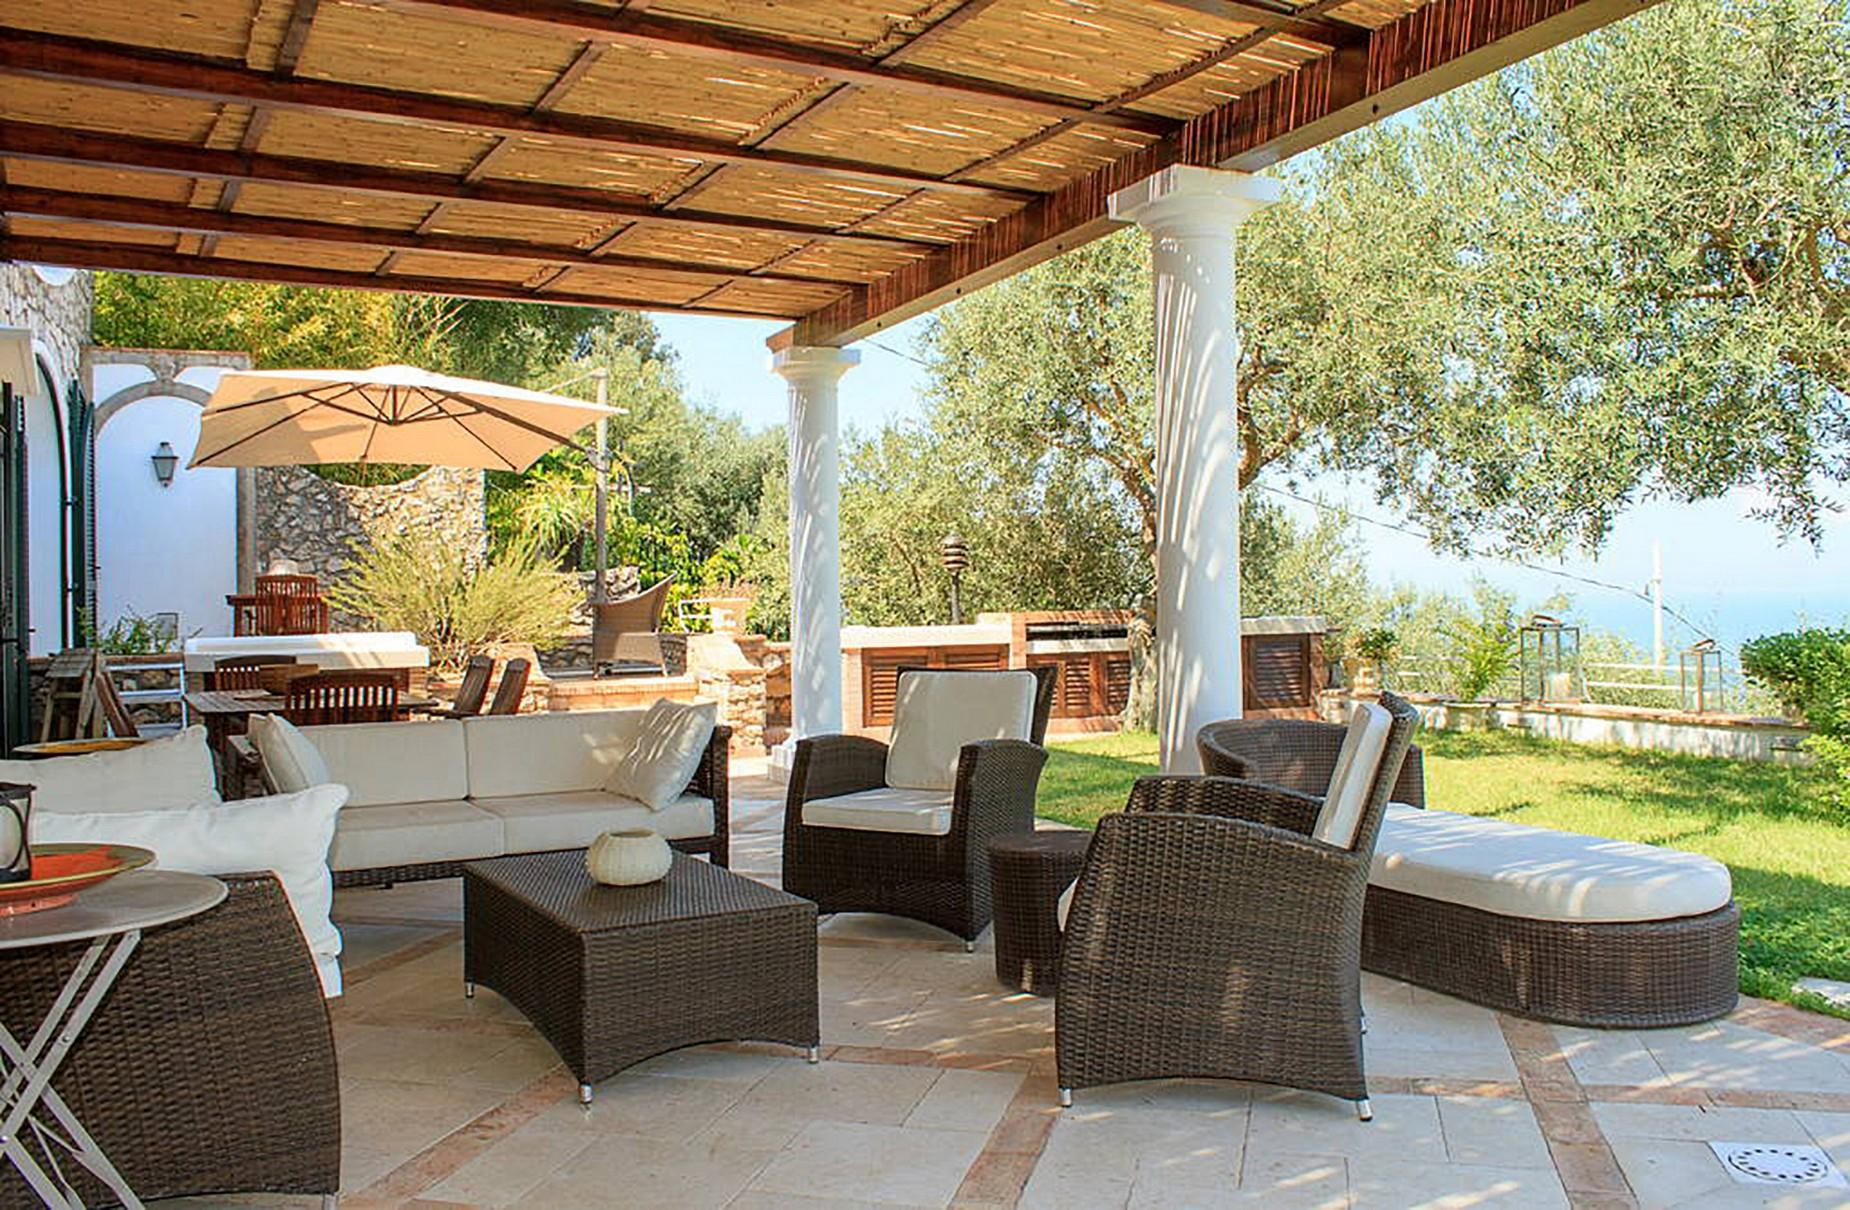 Очаровательная вилла с панорамным бассейном в центре легендарного острова Капри, Италия - 3